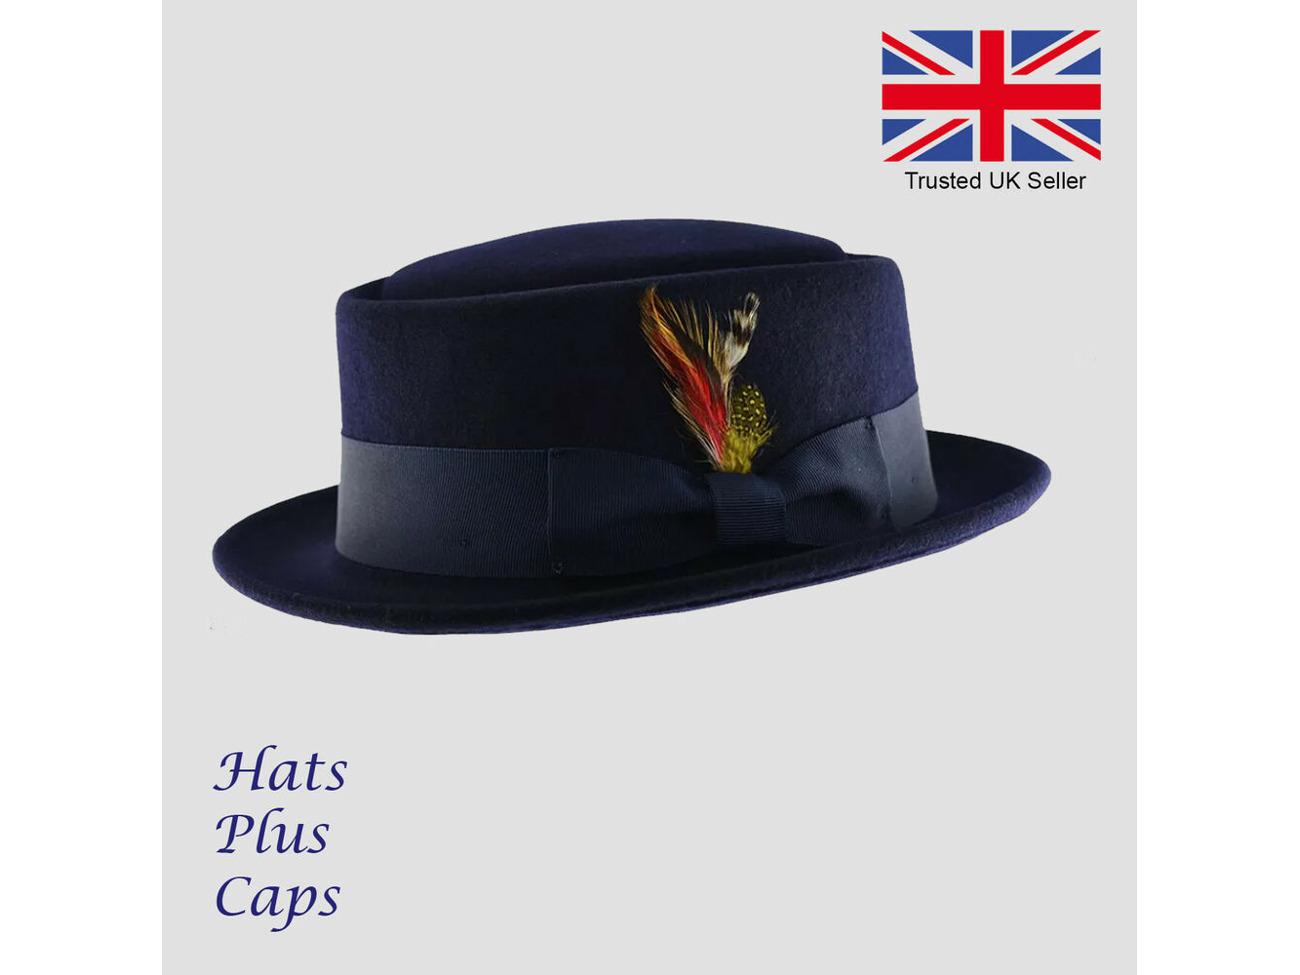 dc774263 Buy Pork Pie Hat 100% Wool Handmade Crushable Navy Breaking Bad Heisenberg  Hat | Fat Llama